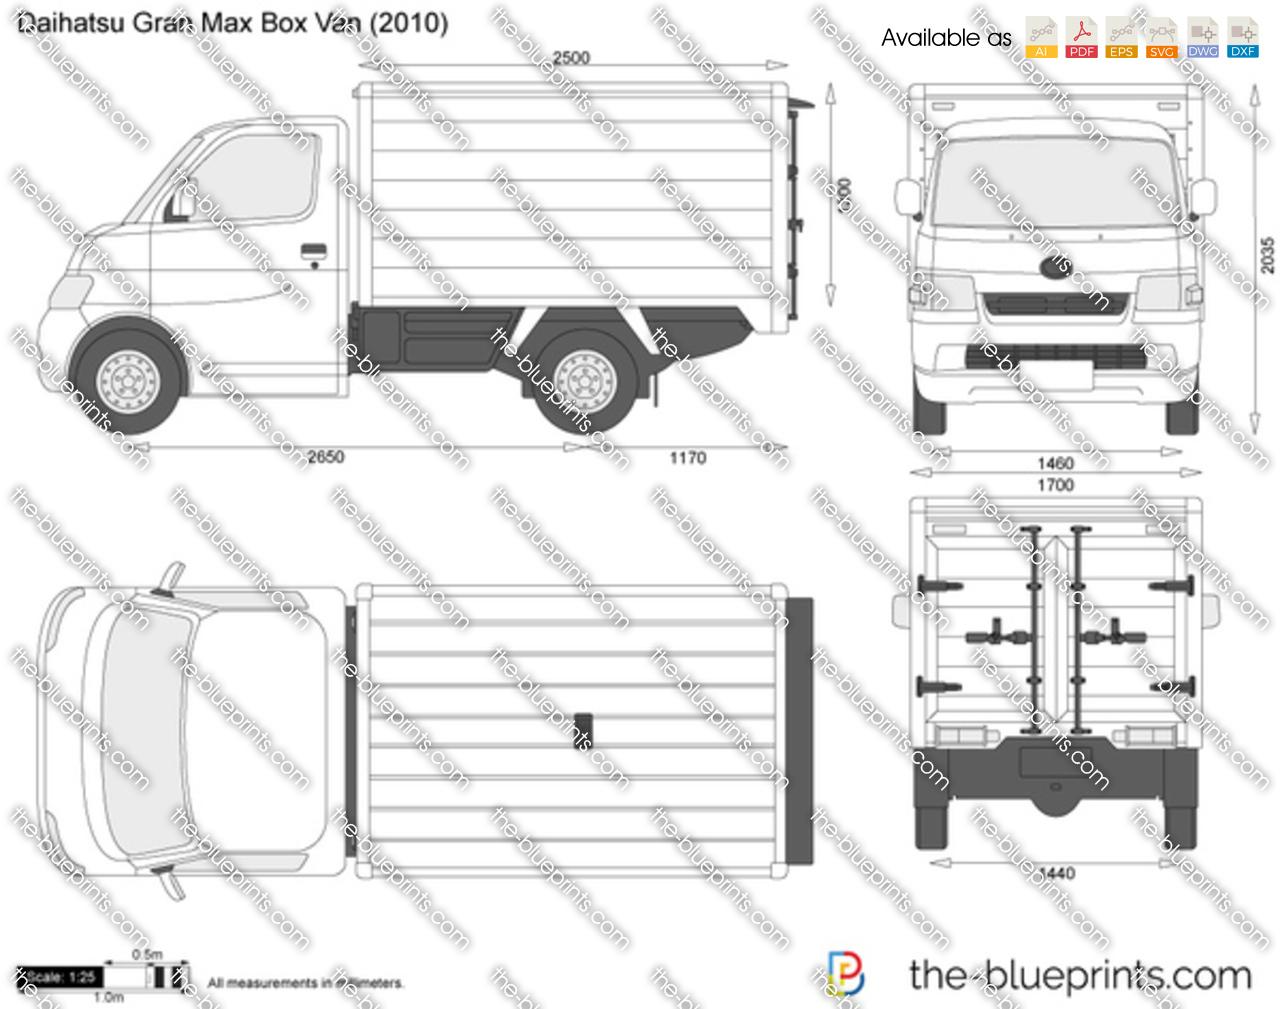 Daihatsu Gran Max Box Van vector drawing